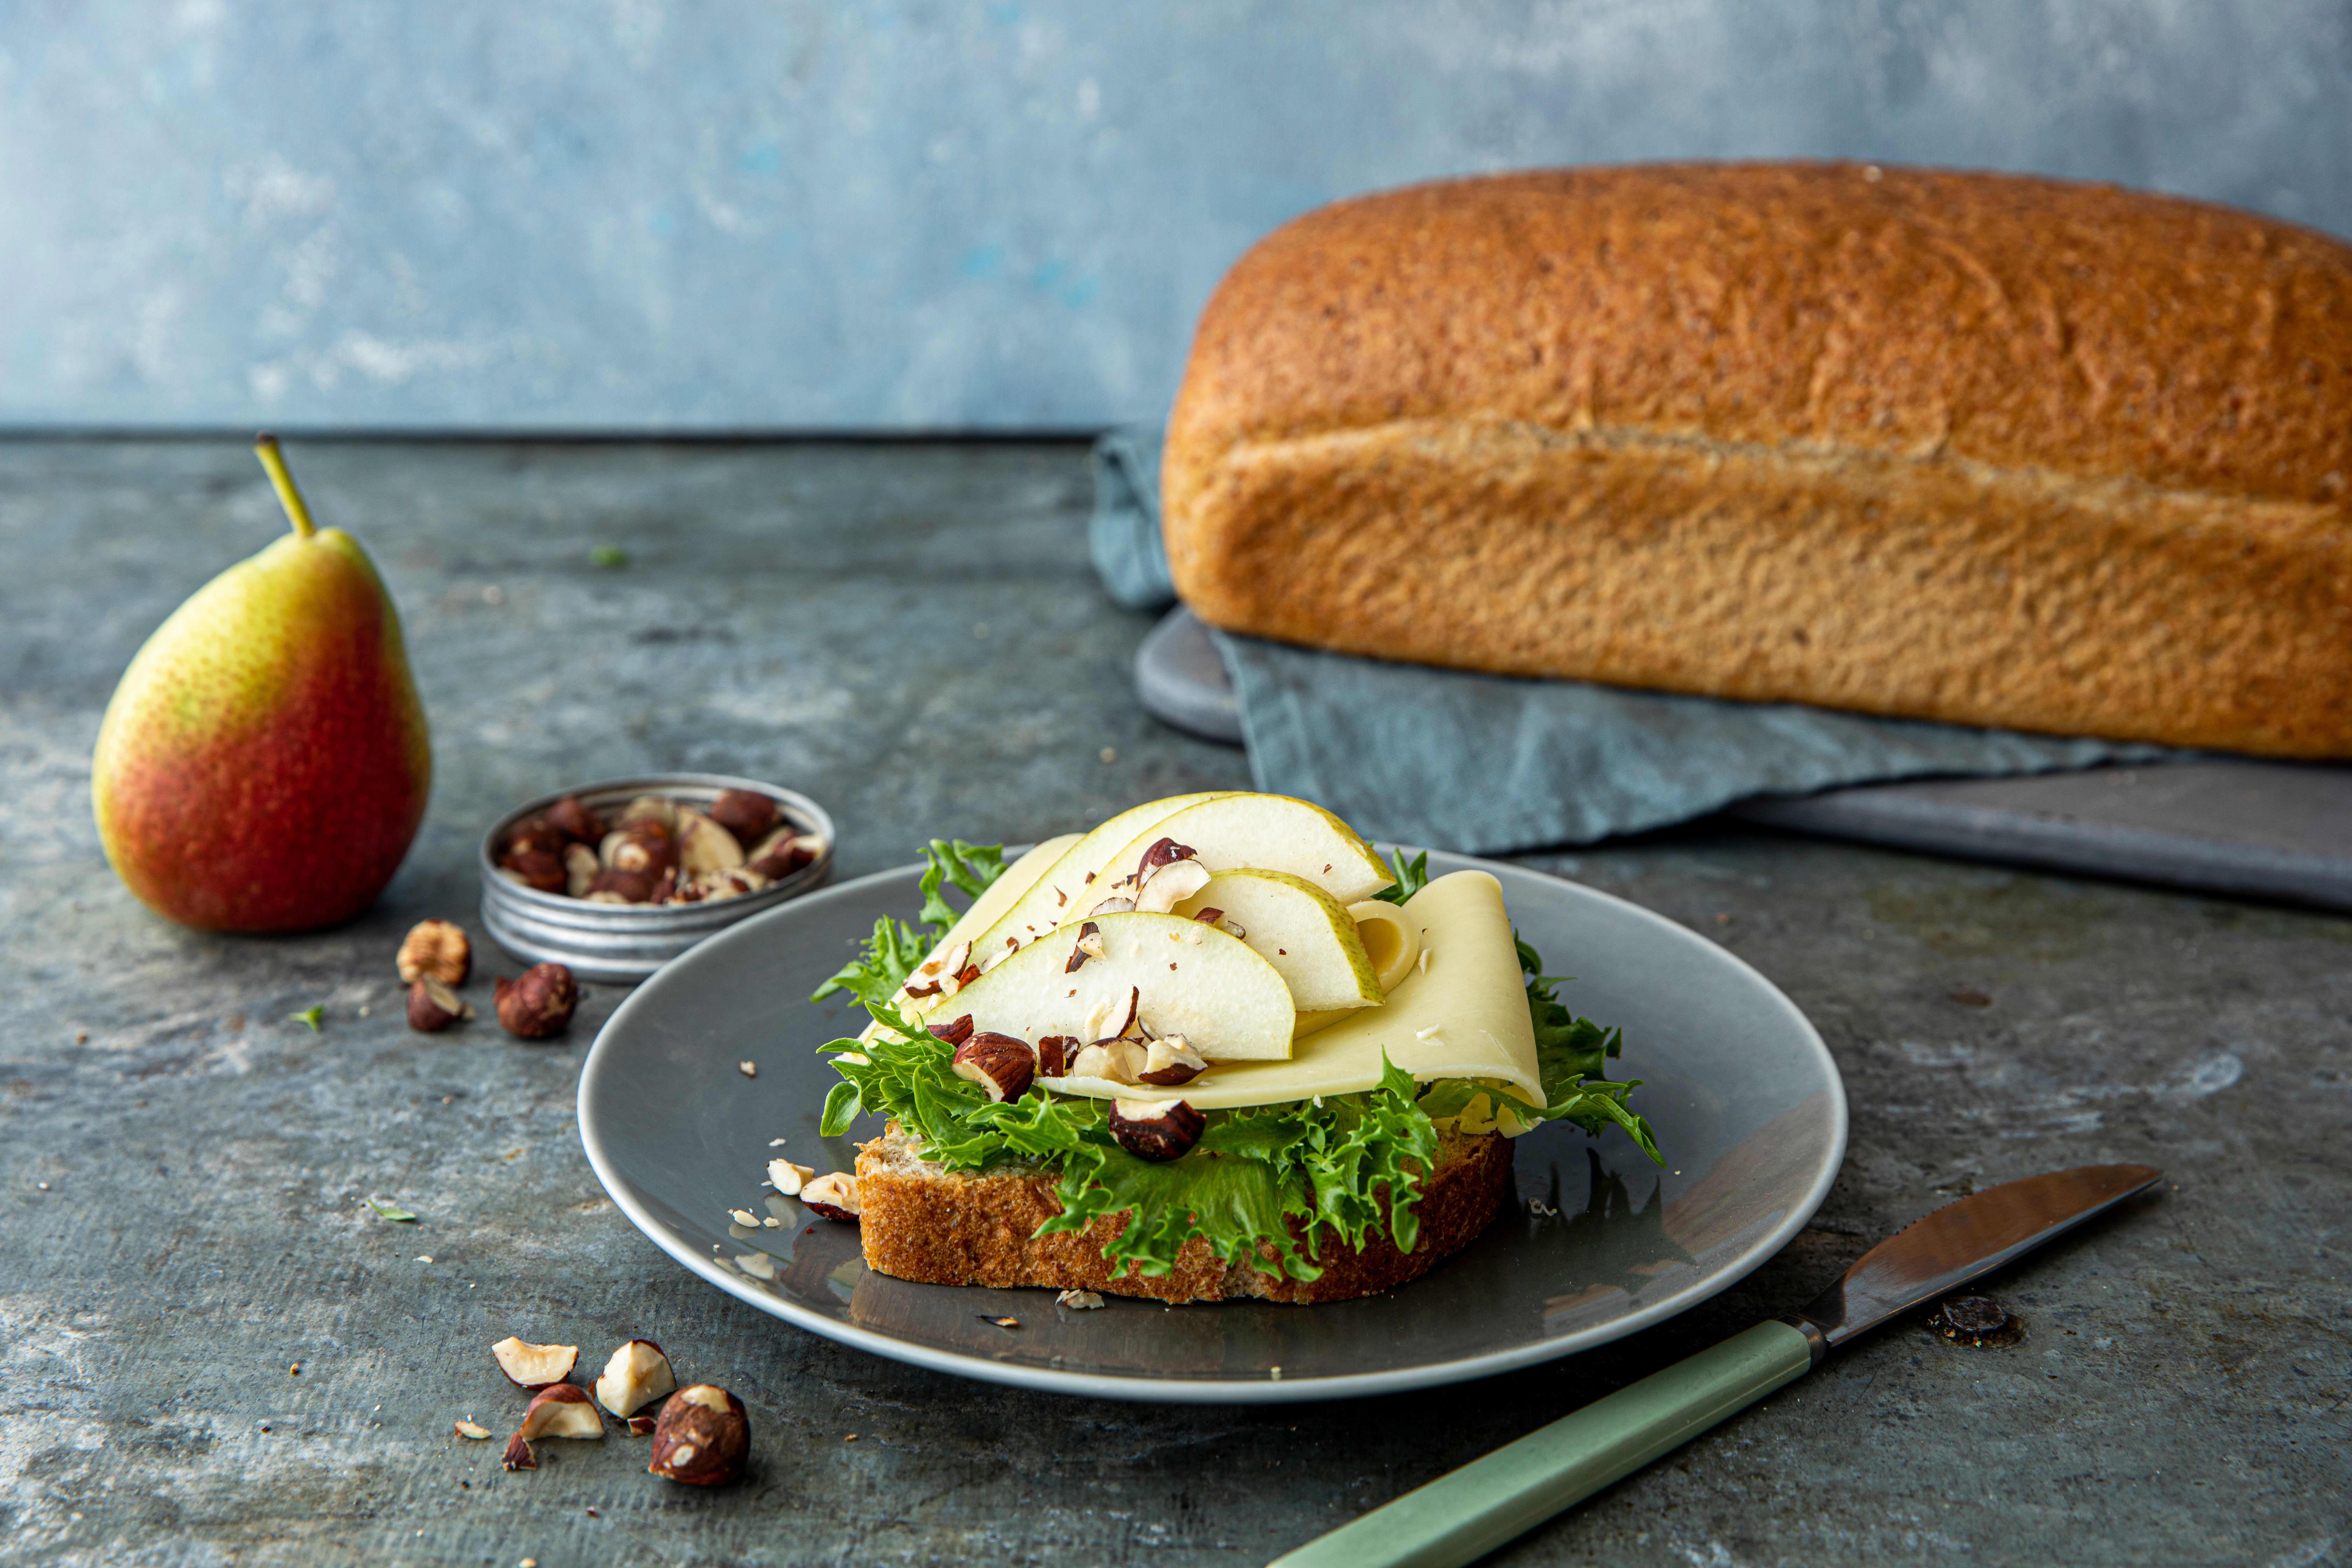 Våre groveste Matpakkebrød med ost, pære og hasselnøtter. Foto: Sara Johannessen